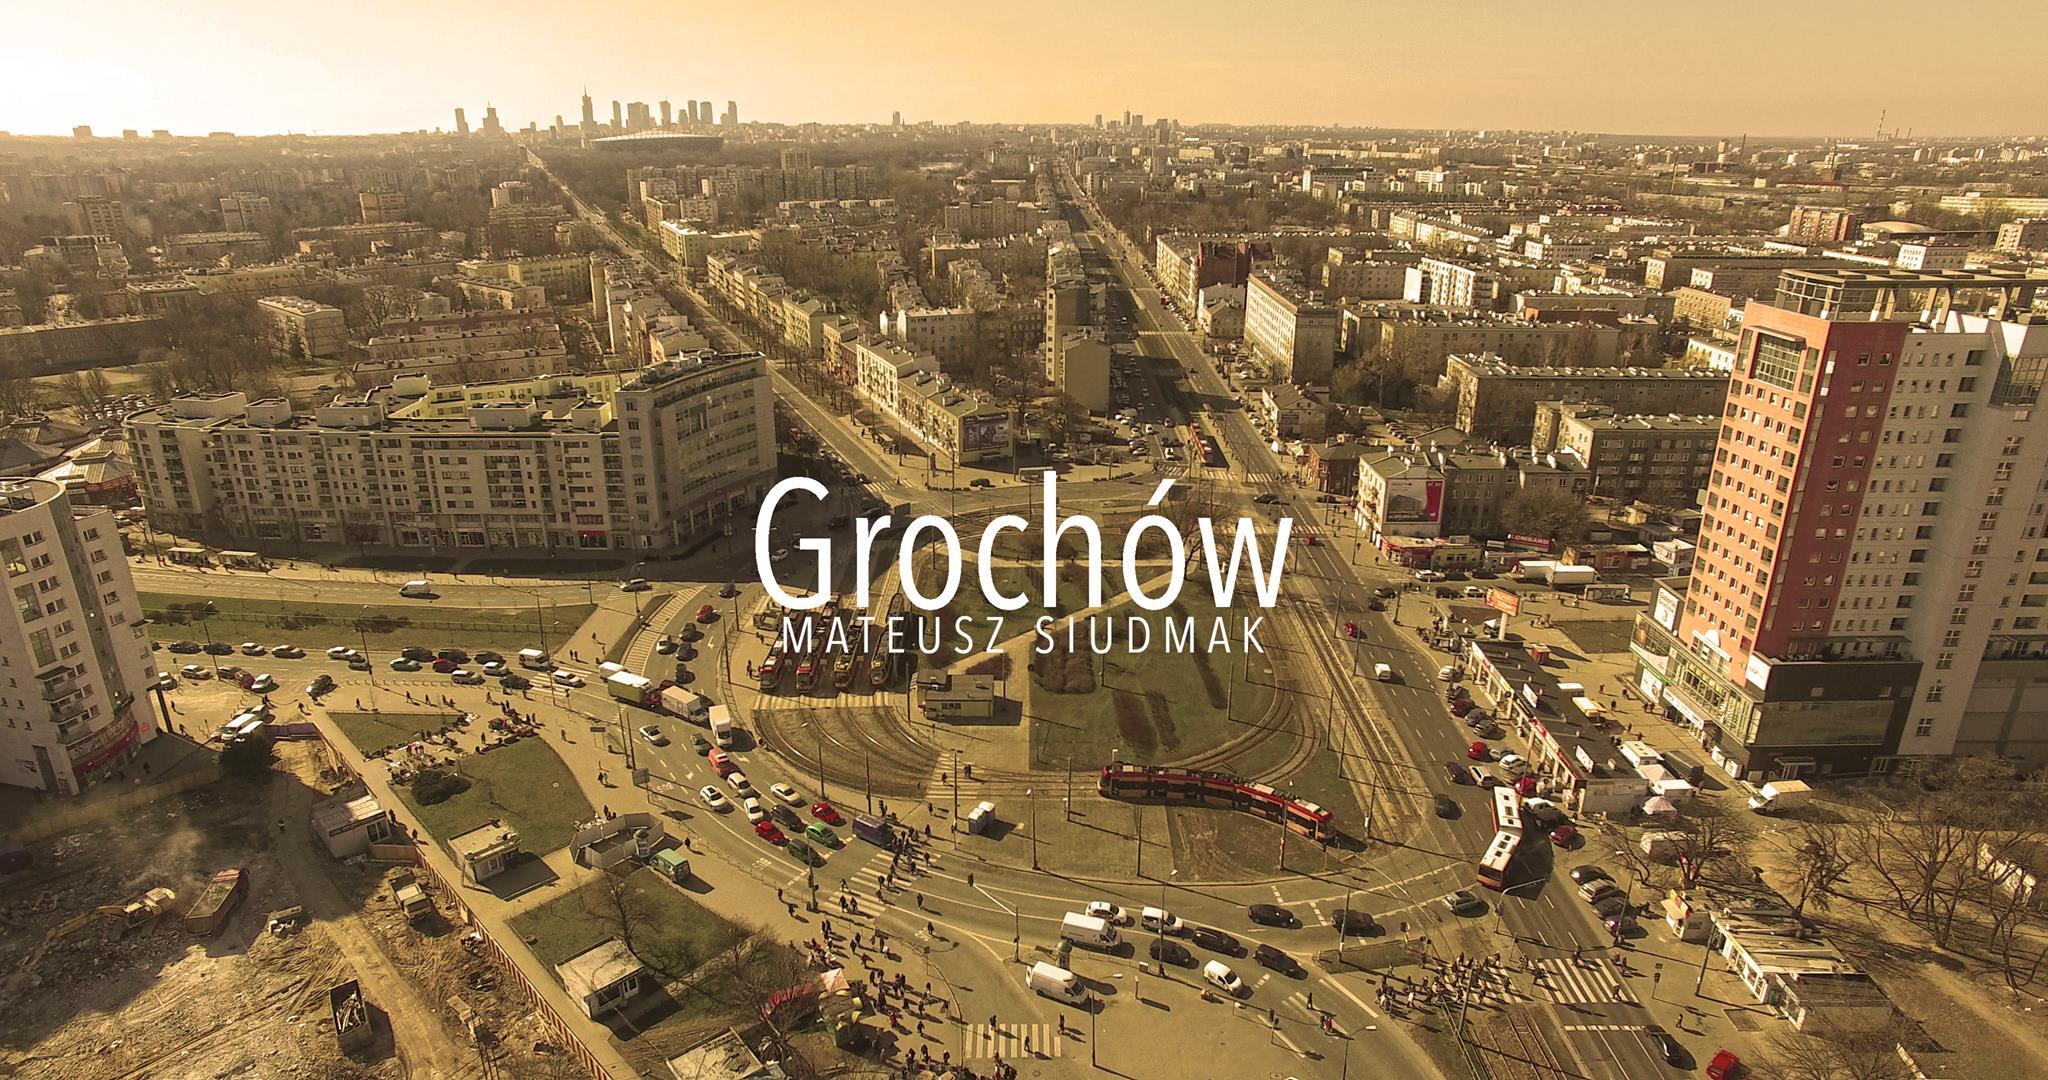 8 maja premiera filmu Grochów